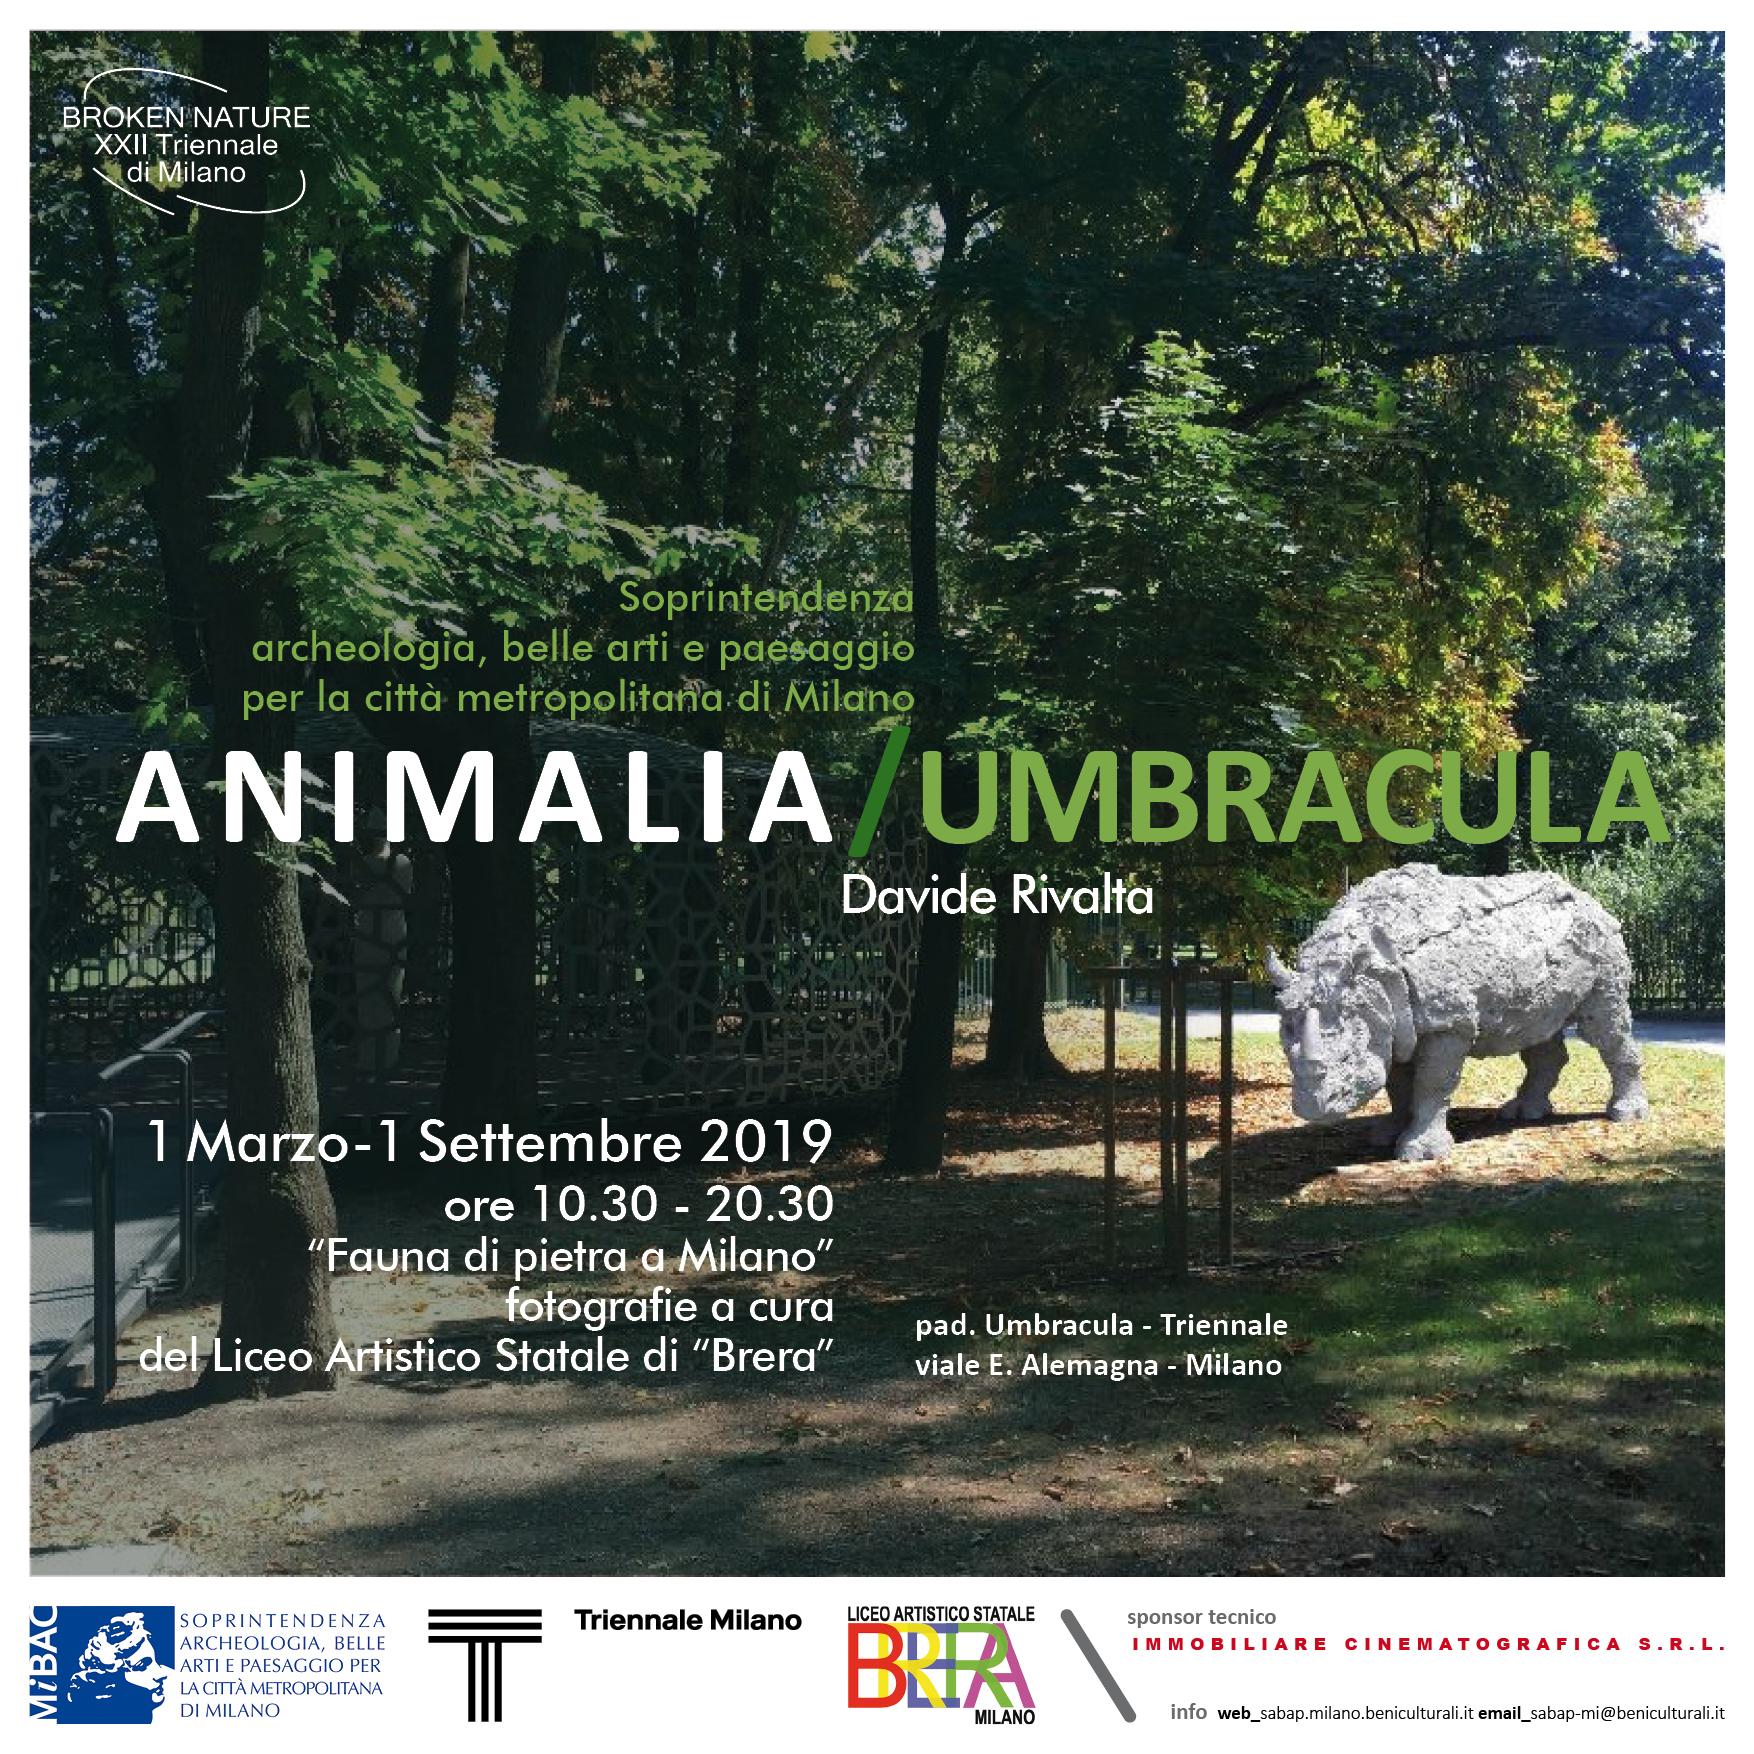 """Le opere di Davide Rivalta alla XXII Triennale con la mostra """"Animalia/Umbracula"""""""